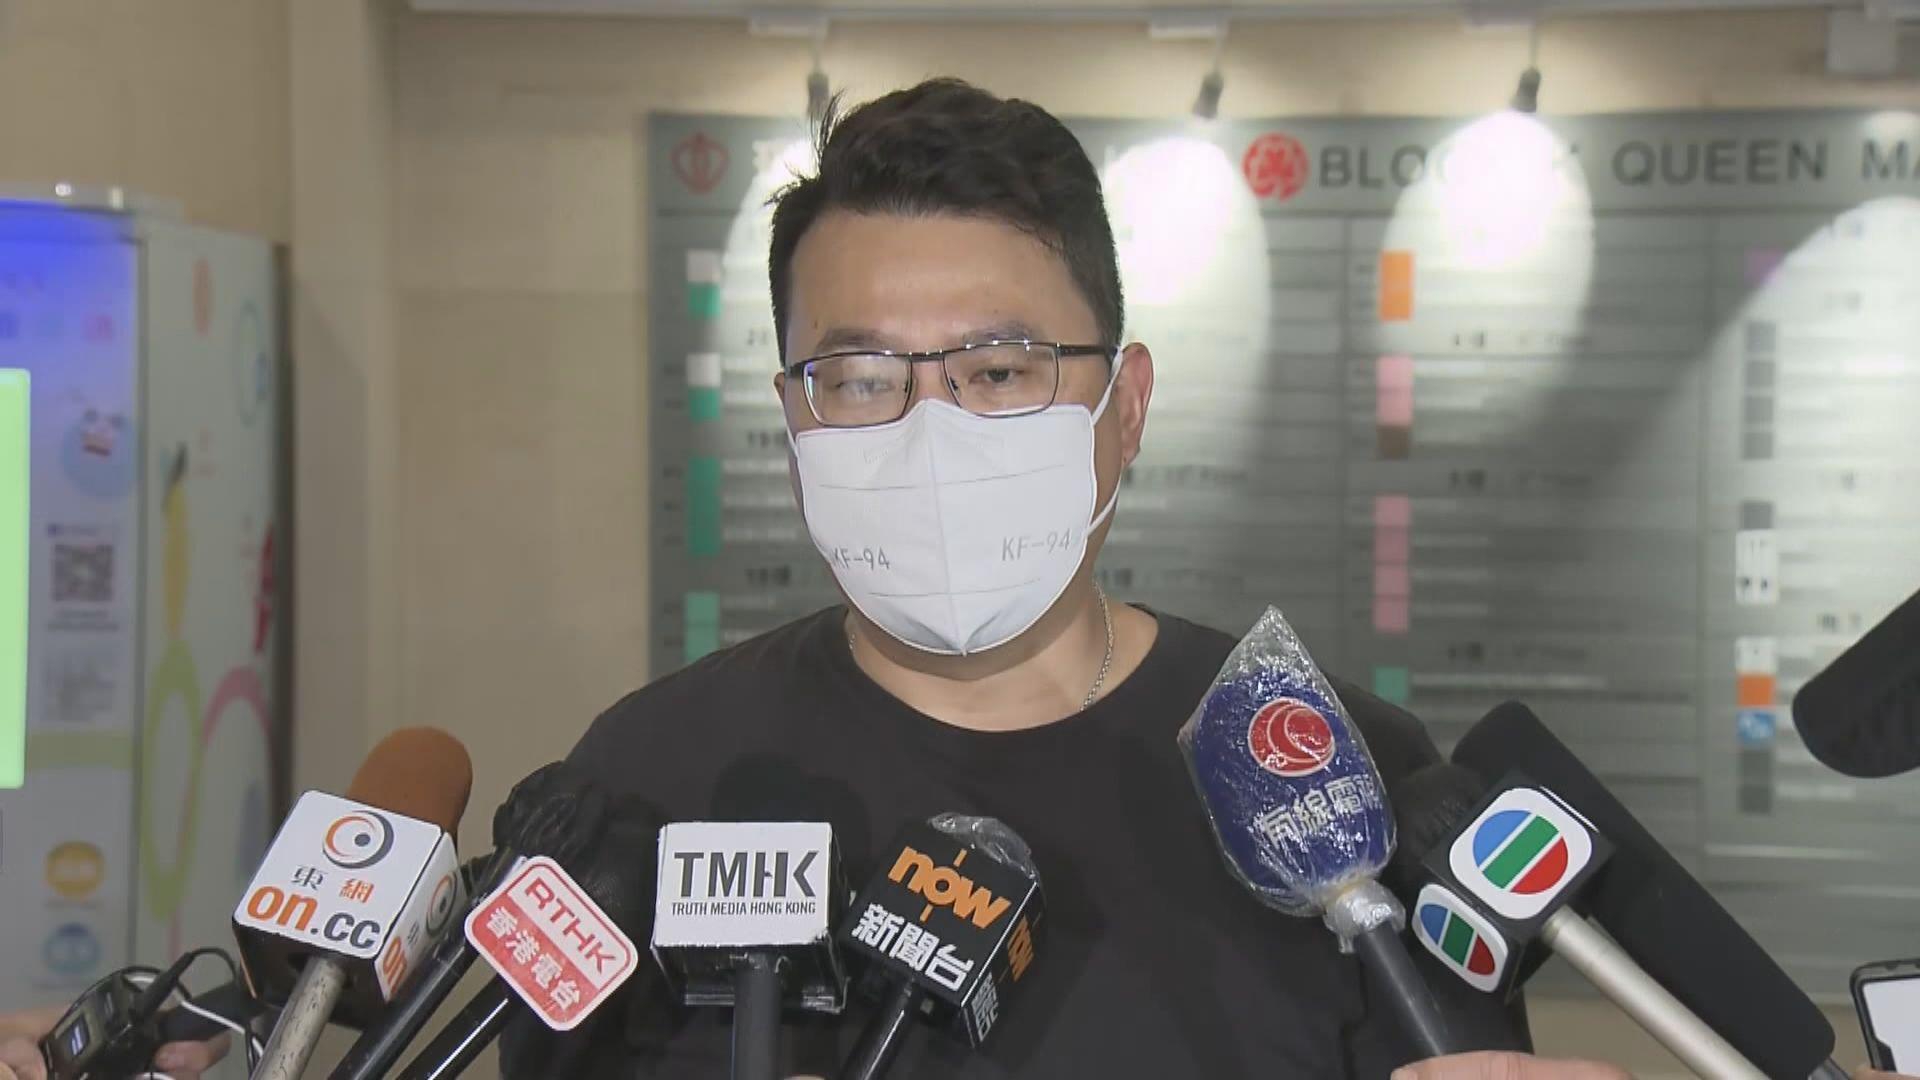 尹兆堅:被警員制服導致身體多處受傷